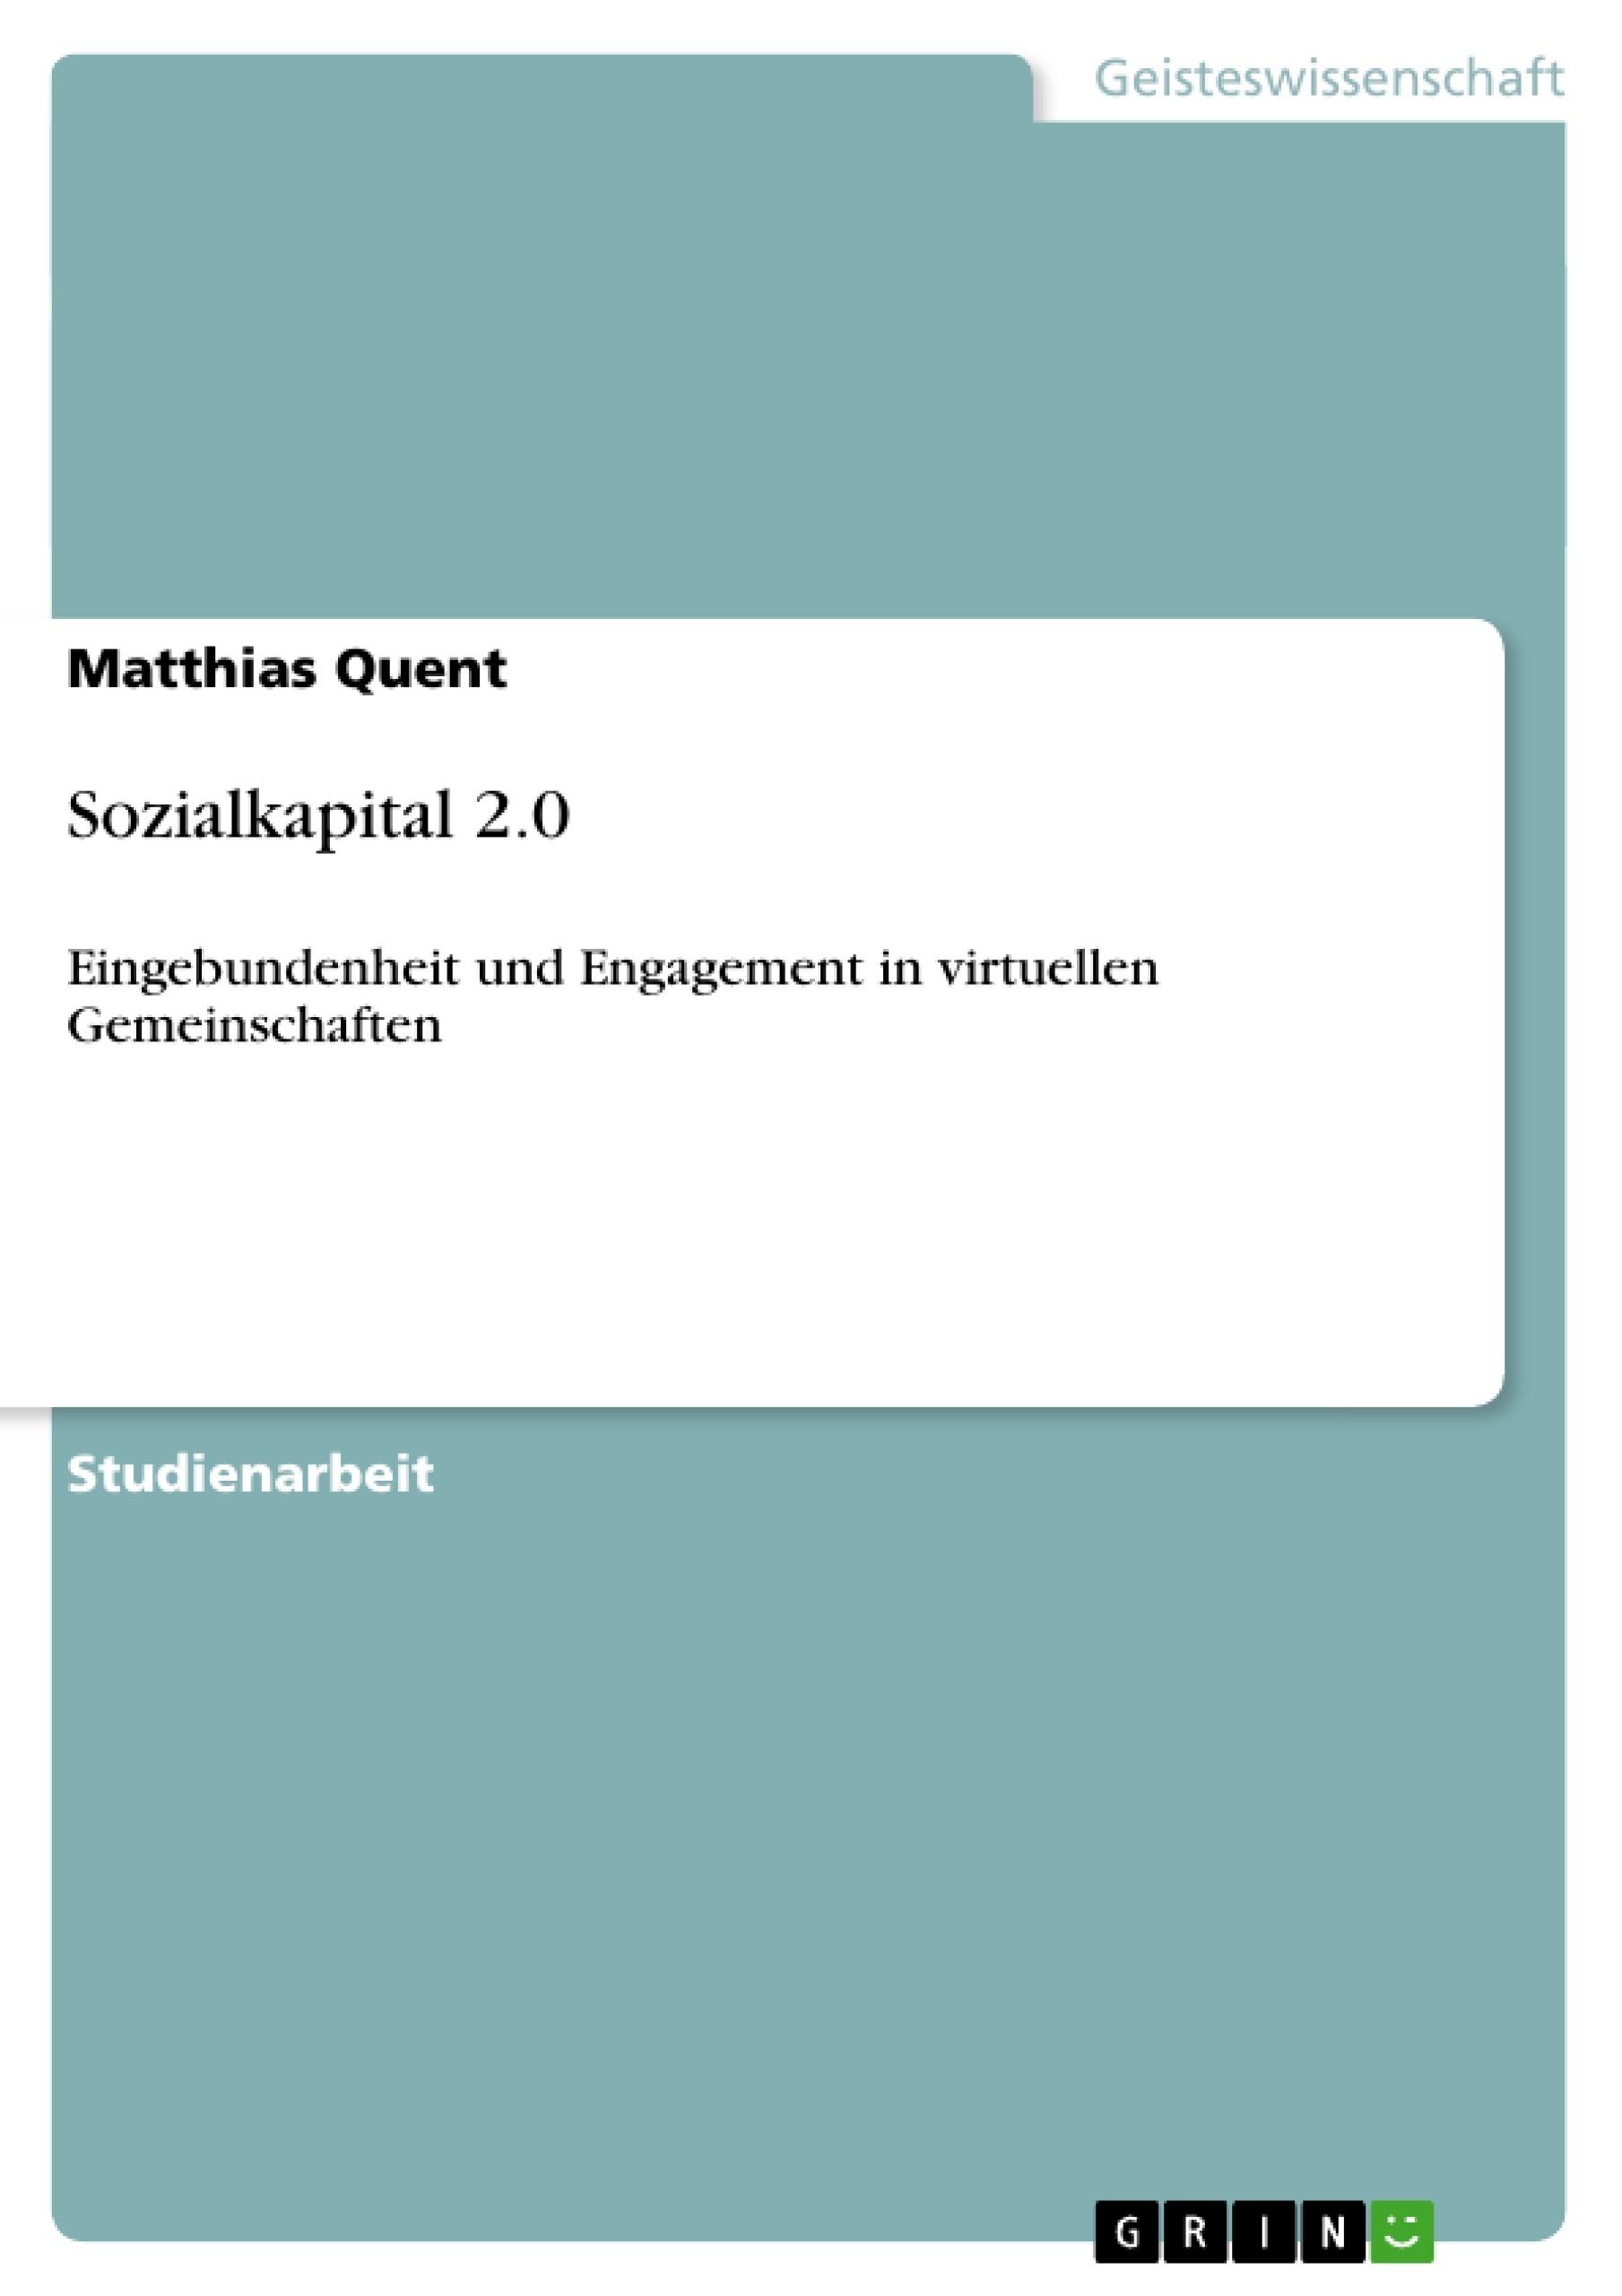 Titel: Sozialkapital 2.0